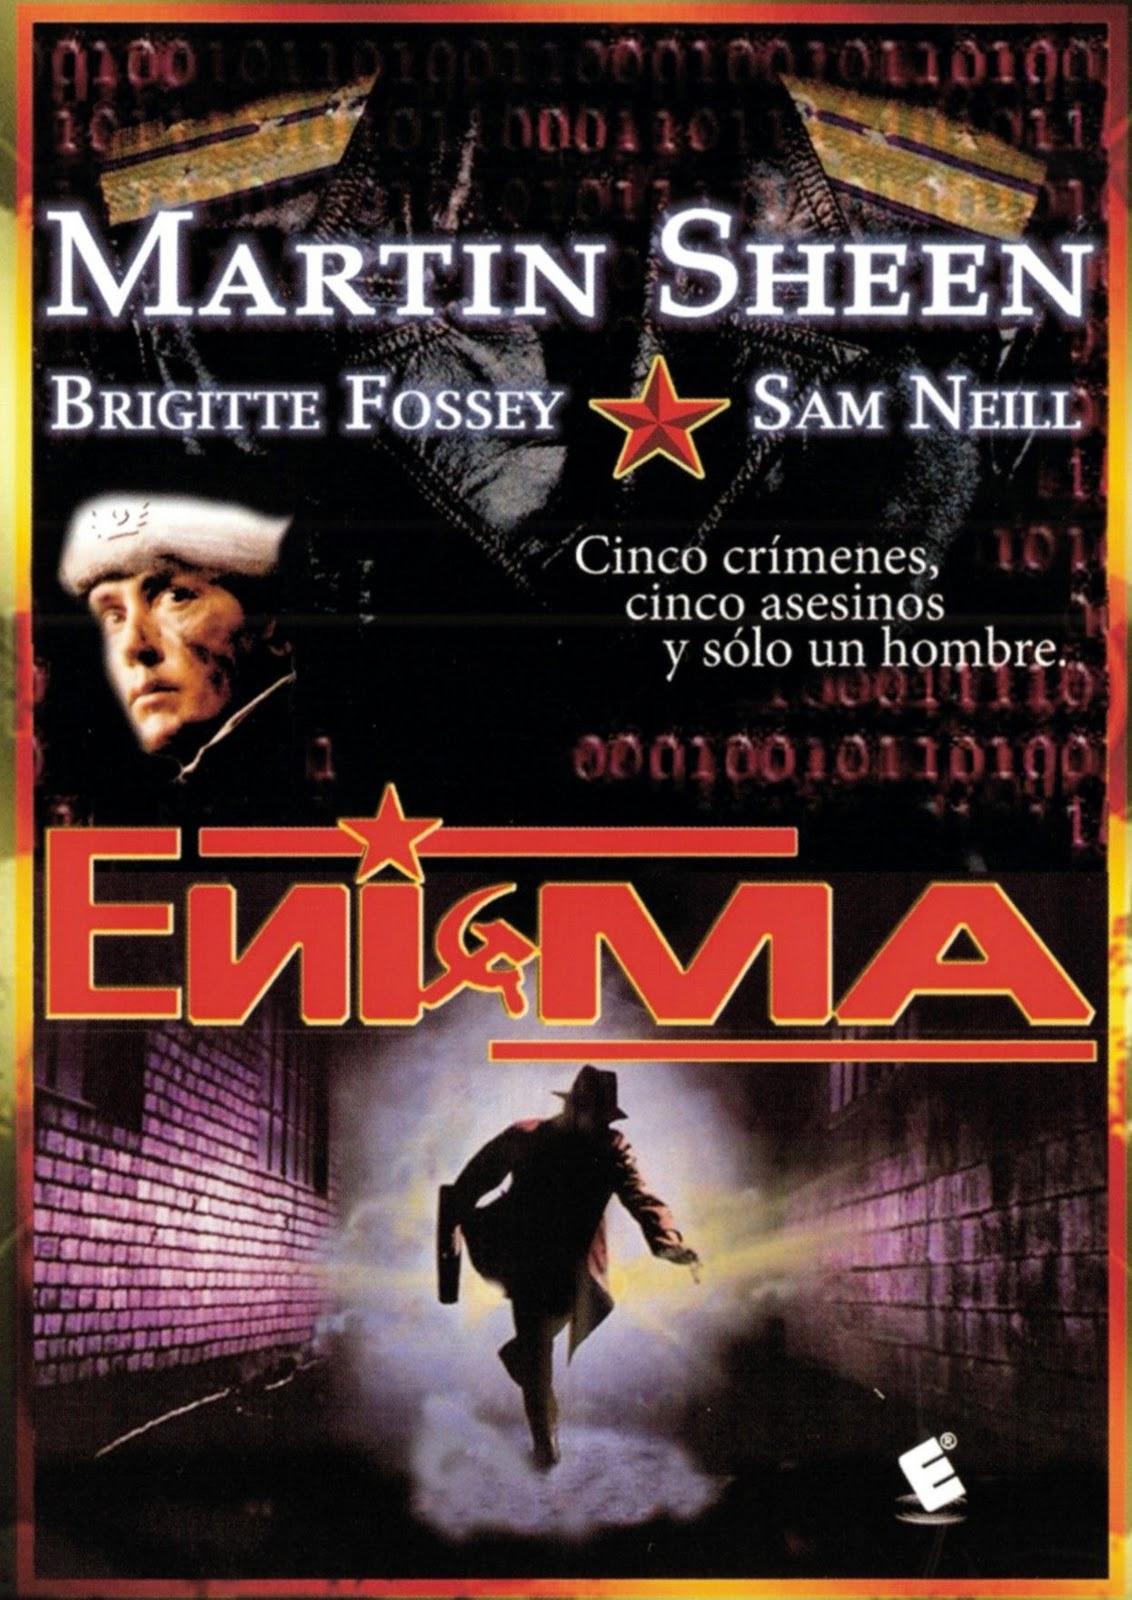 http://1.bp.blogspot.com/_pseYbbqmXE8/TTjTNUUOtrI/AAAAAAAAAiE/iTwtLgl_jjE/s1600/Enigma.jpg